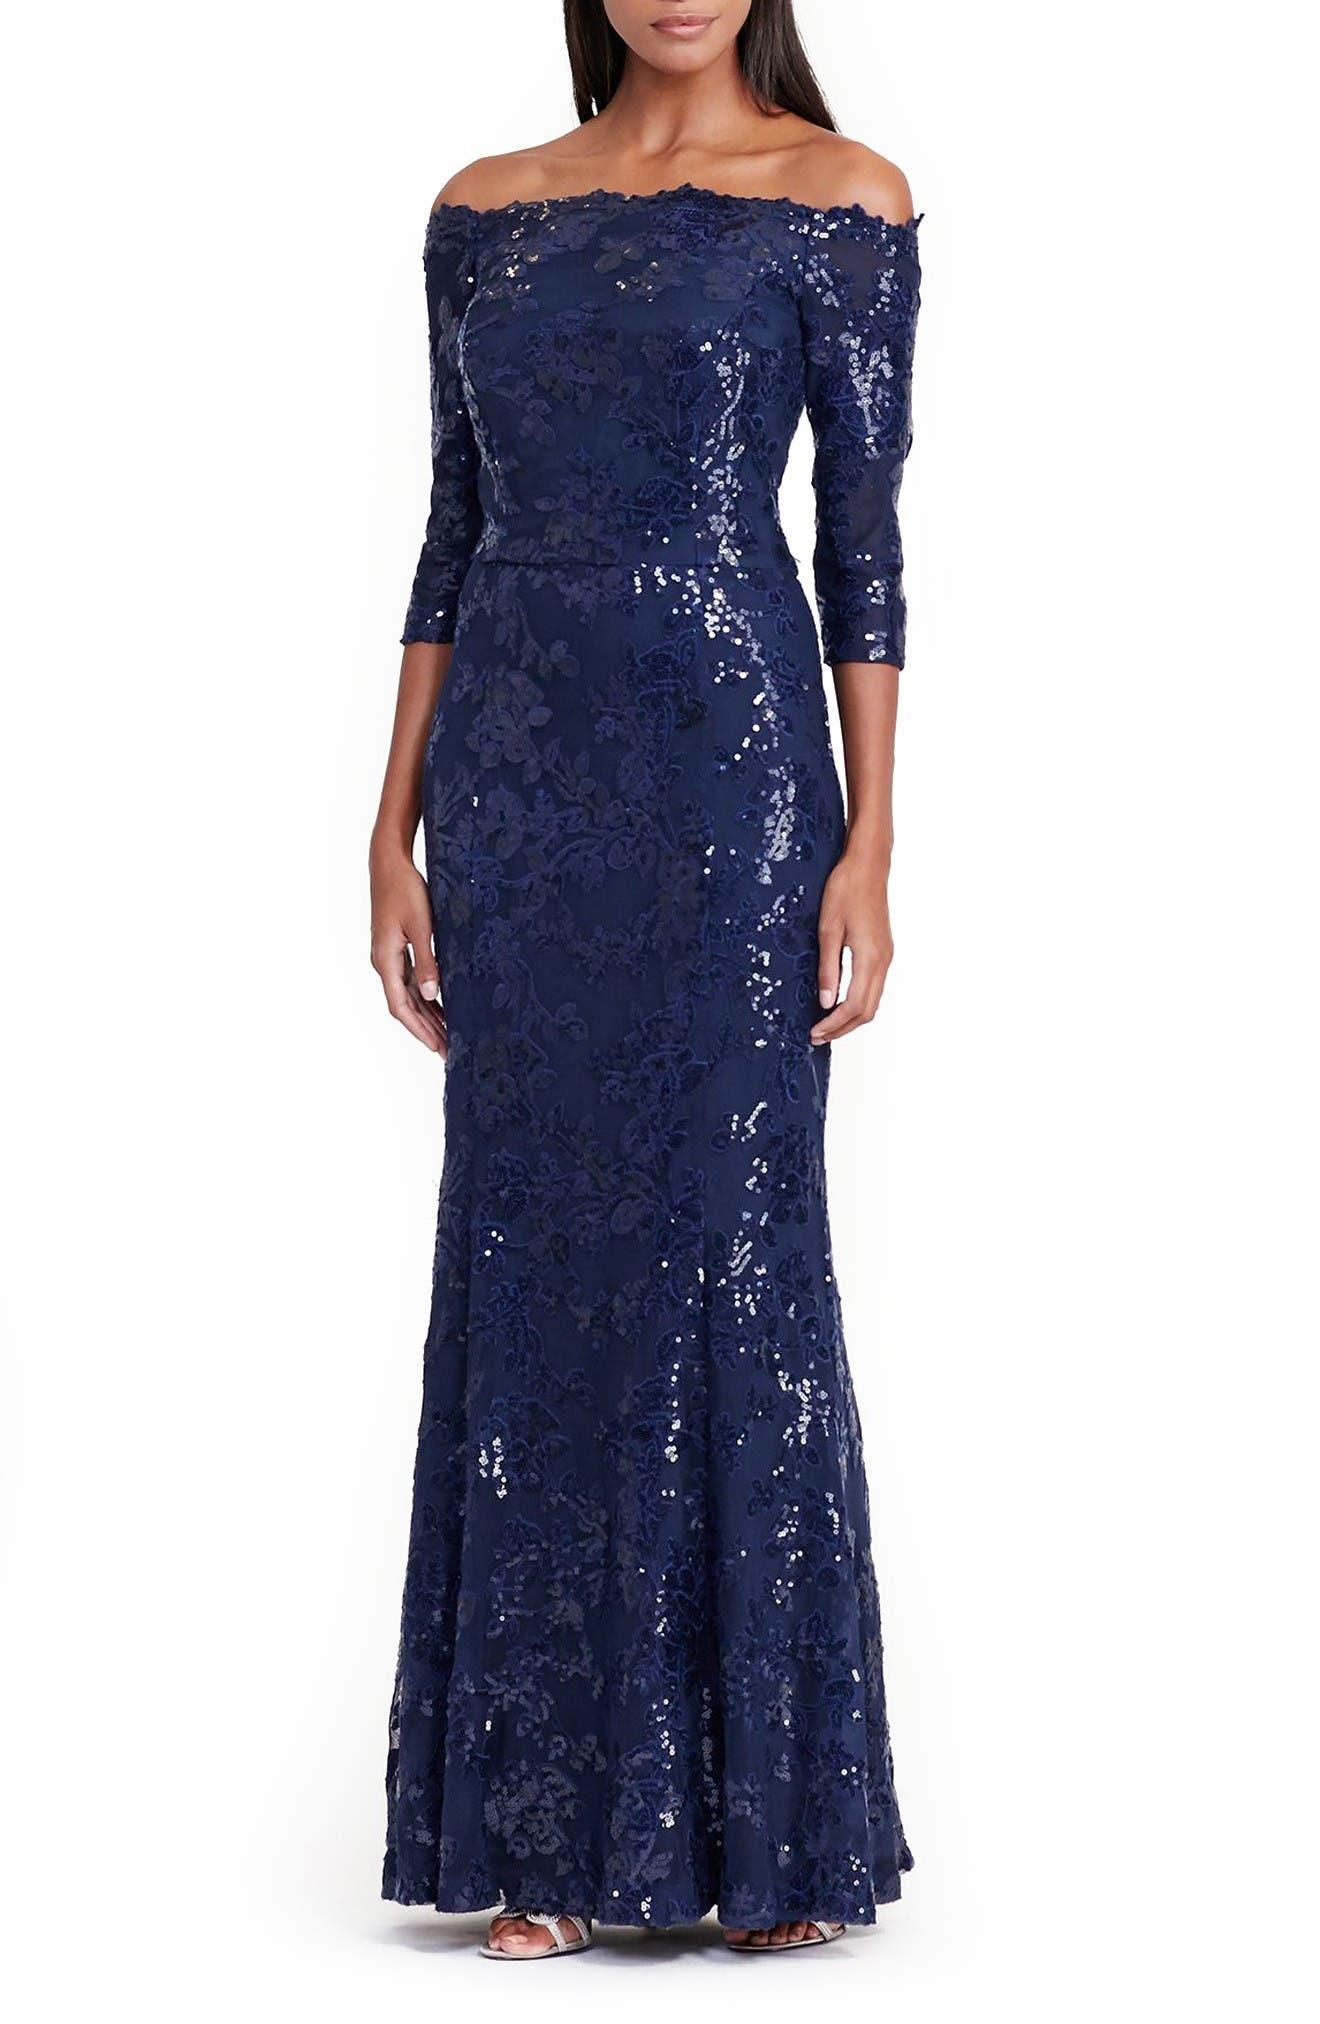 Alternate Image 1 Selected - Lauren Ralph Lauren Mesh Mermaid Gown